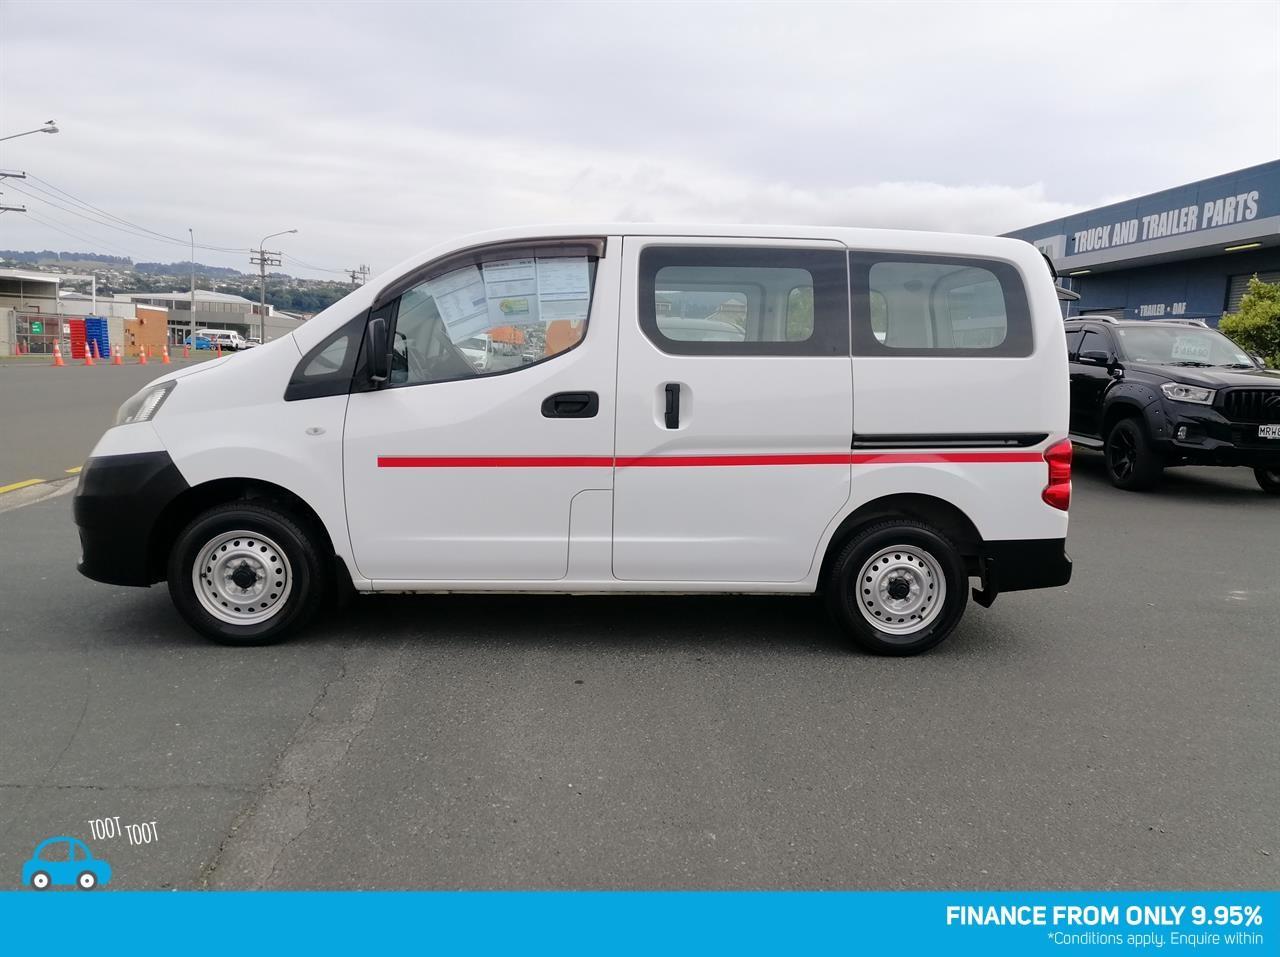 image-3, 2012 Nissan NV200 Vanette at Dunedin